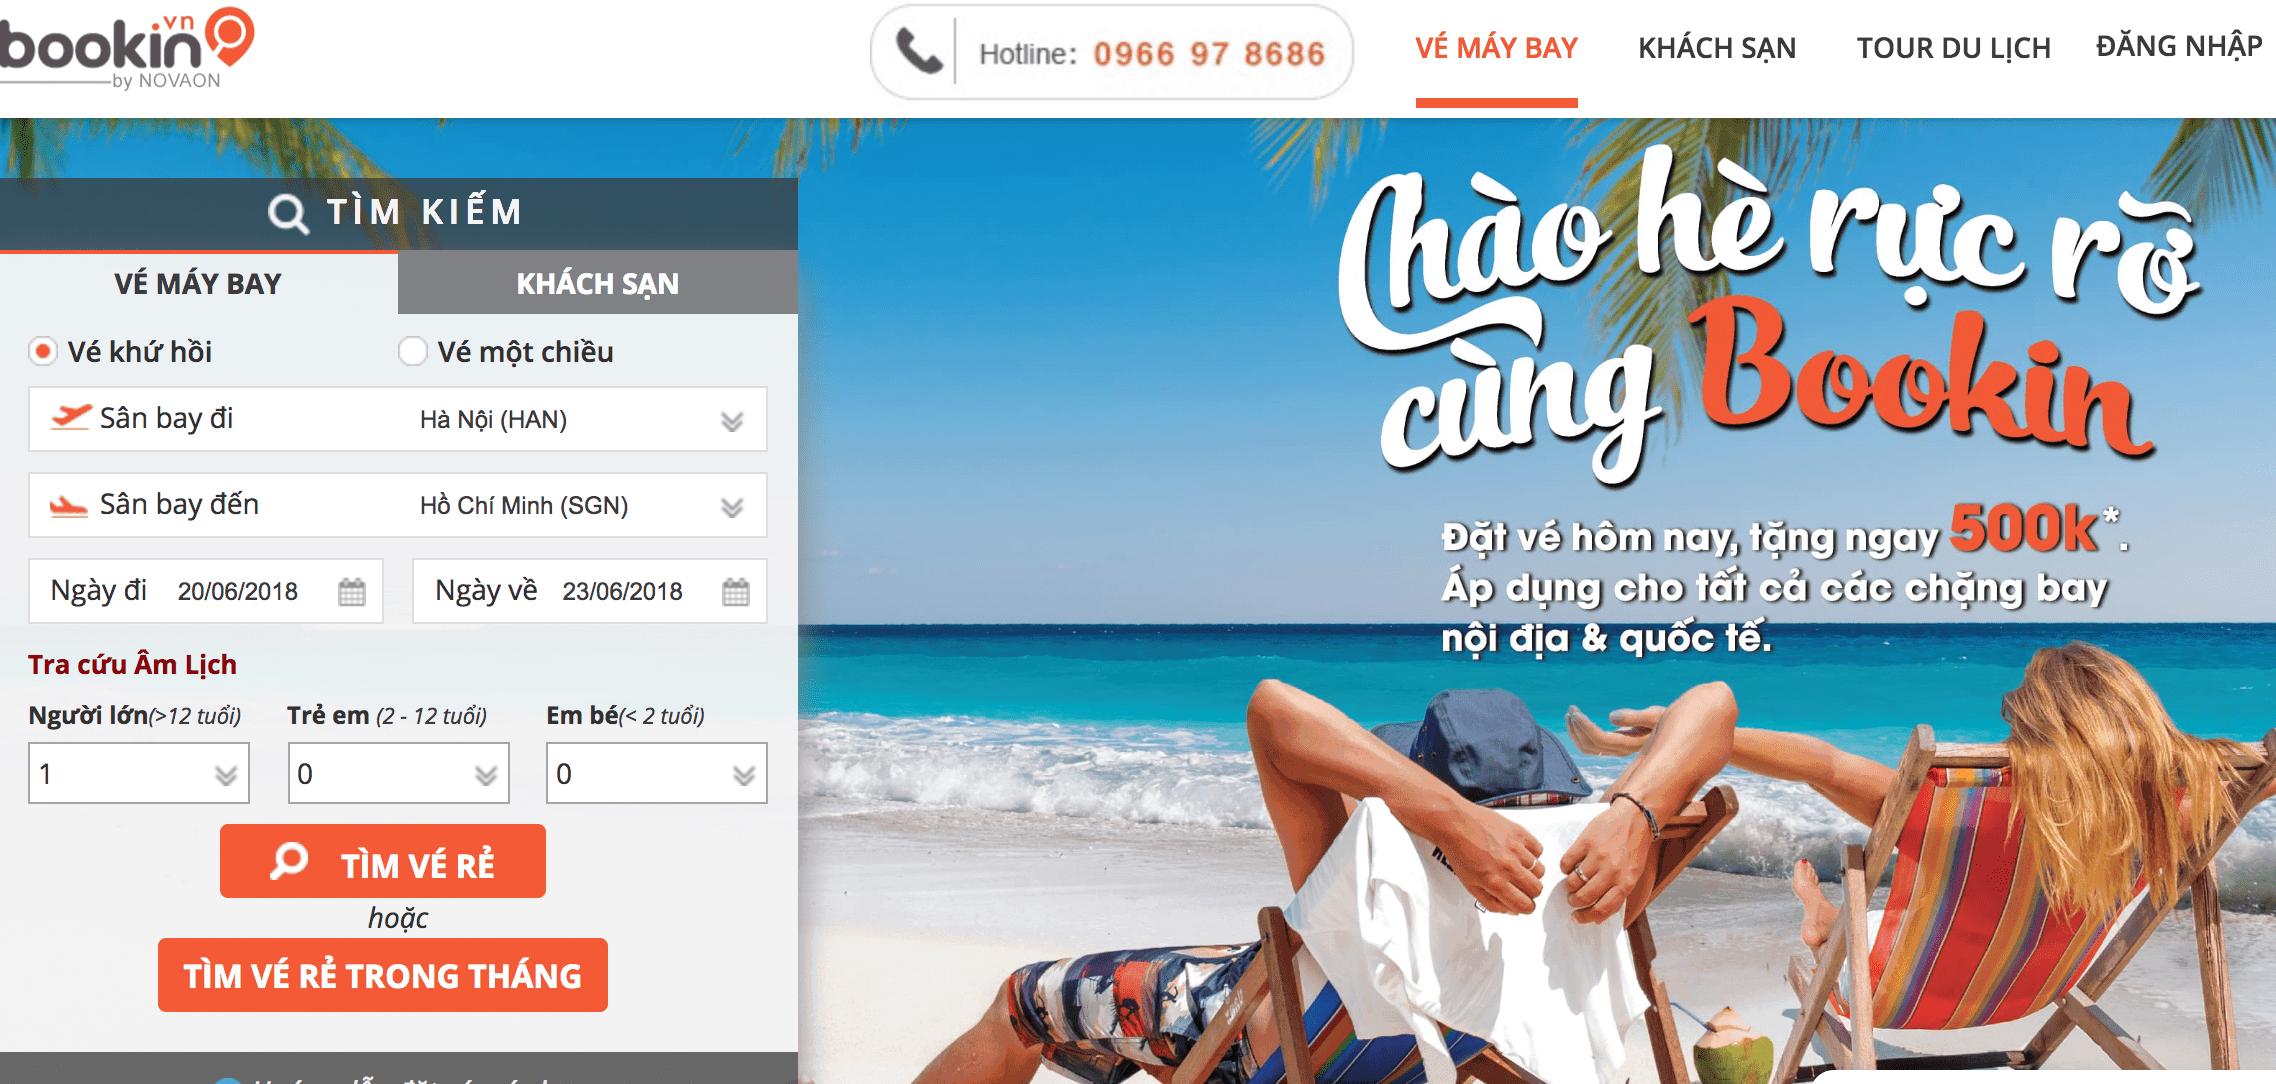 top 5 trang đặt phòng online không cần thẻ tín dụng